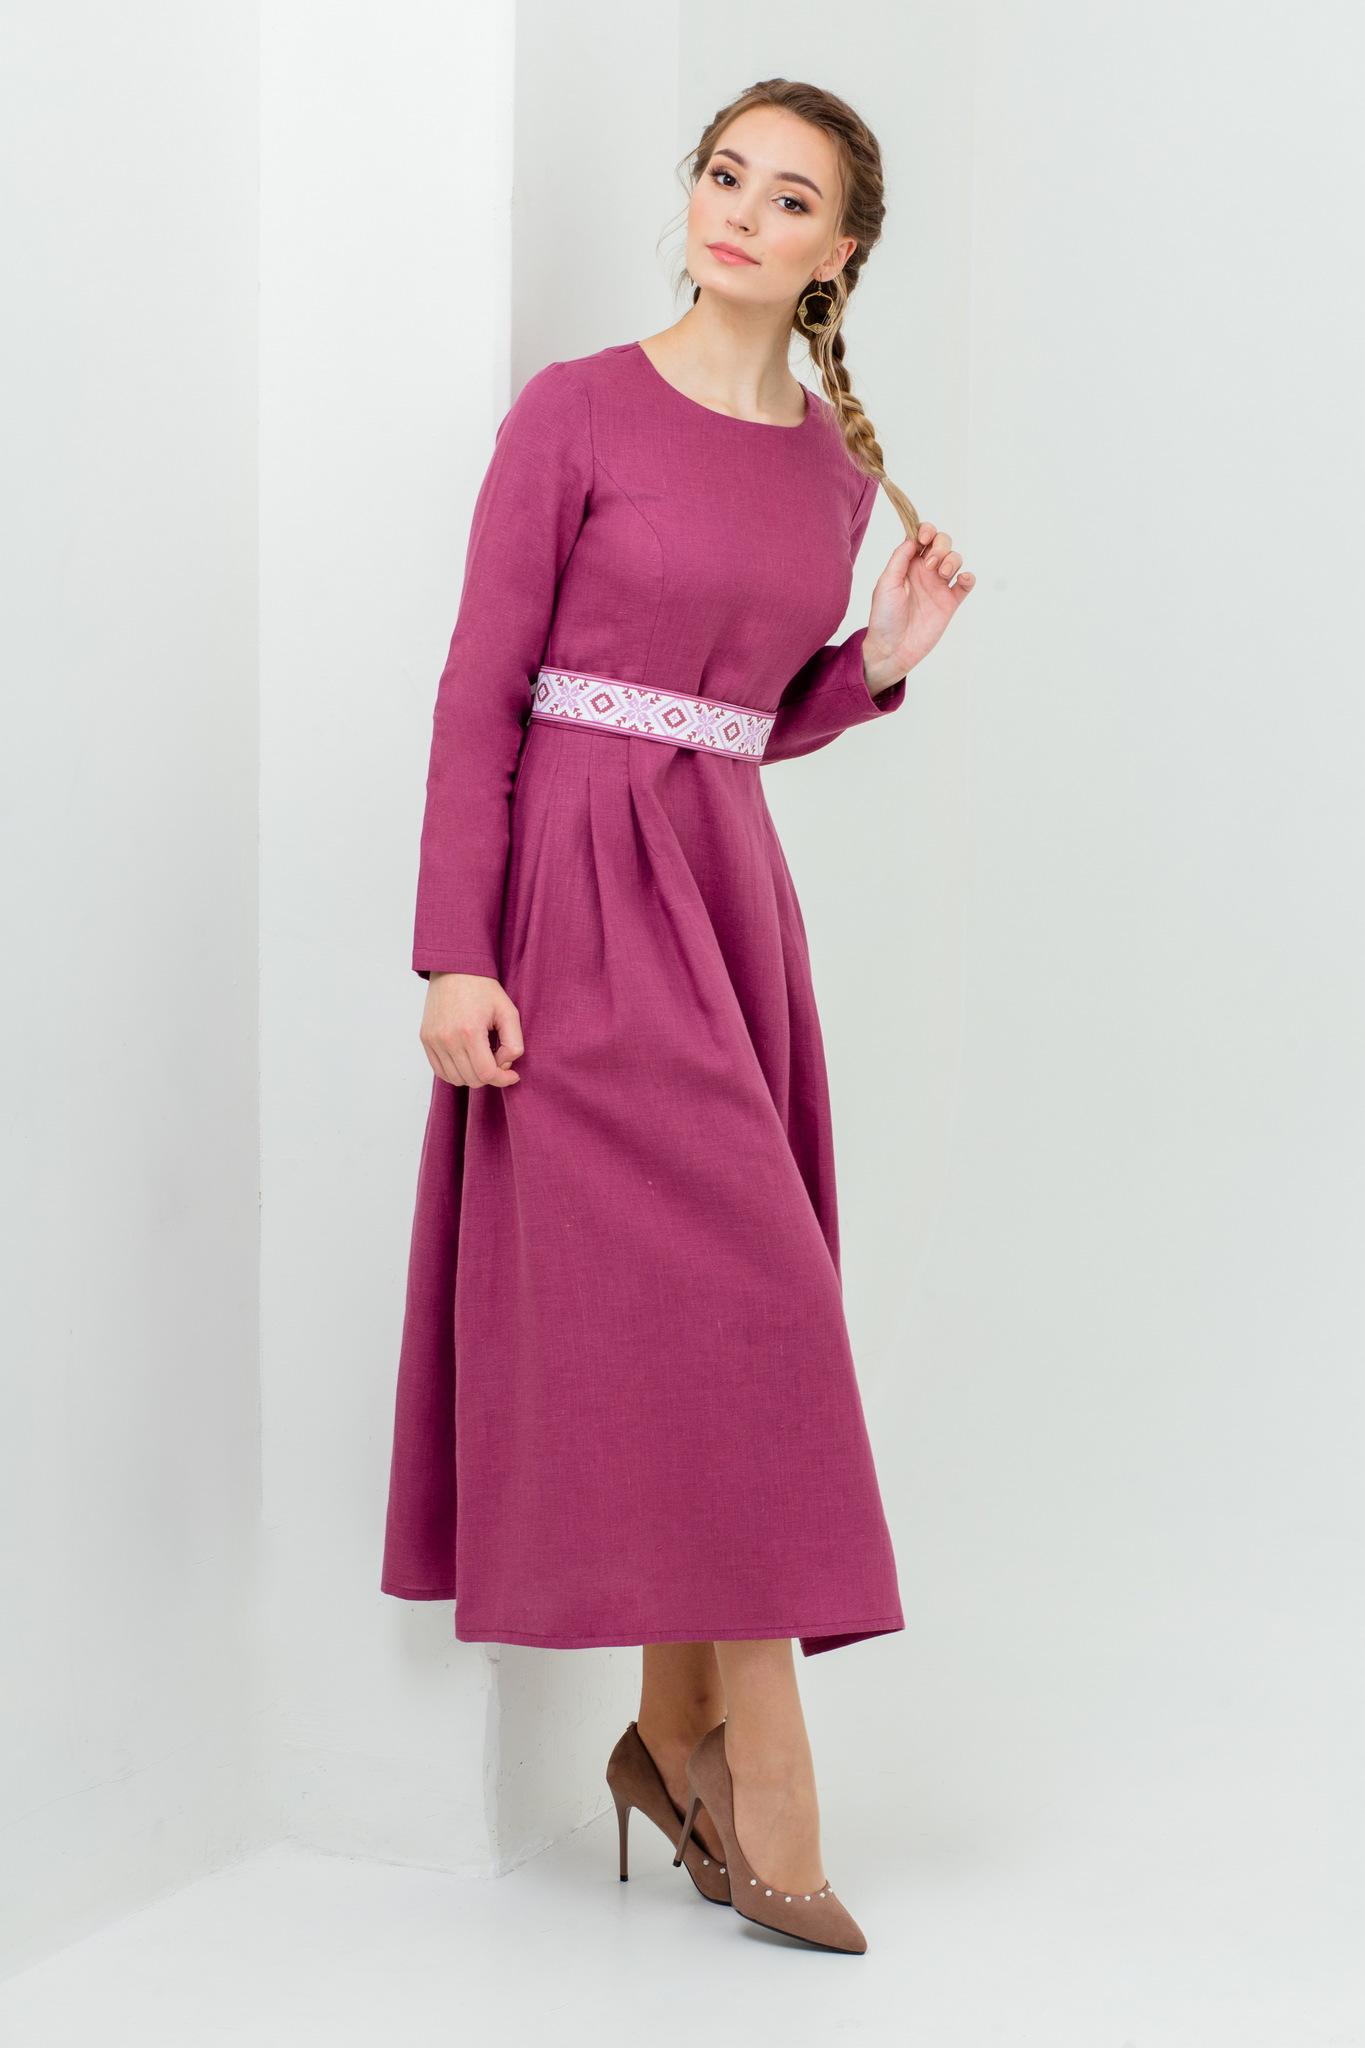 Платье на свидание Ежевика из белорусского льна